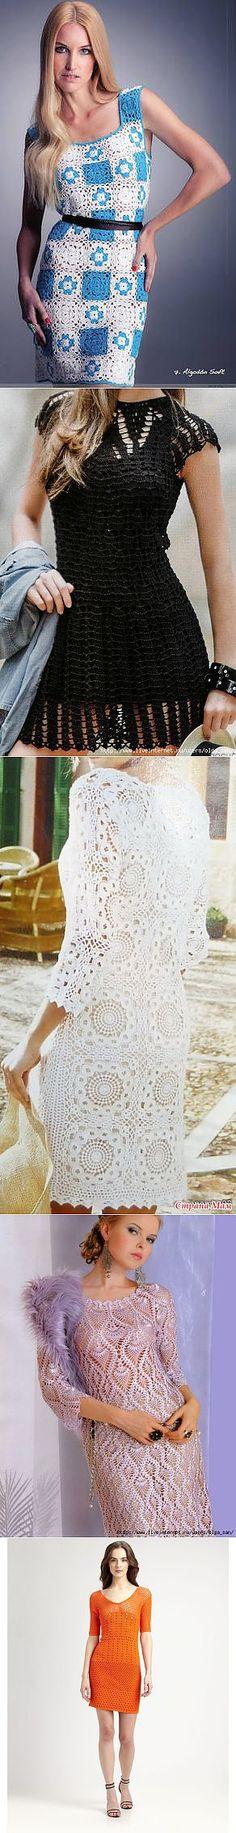 Платья крючком. Подборка | Вязание крючком: модели | Постила